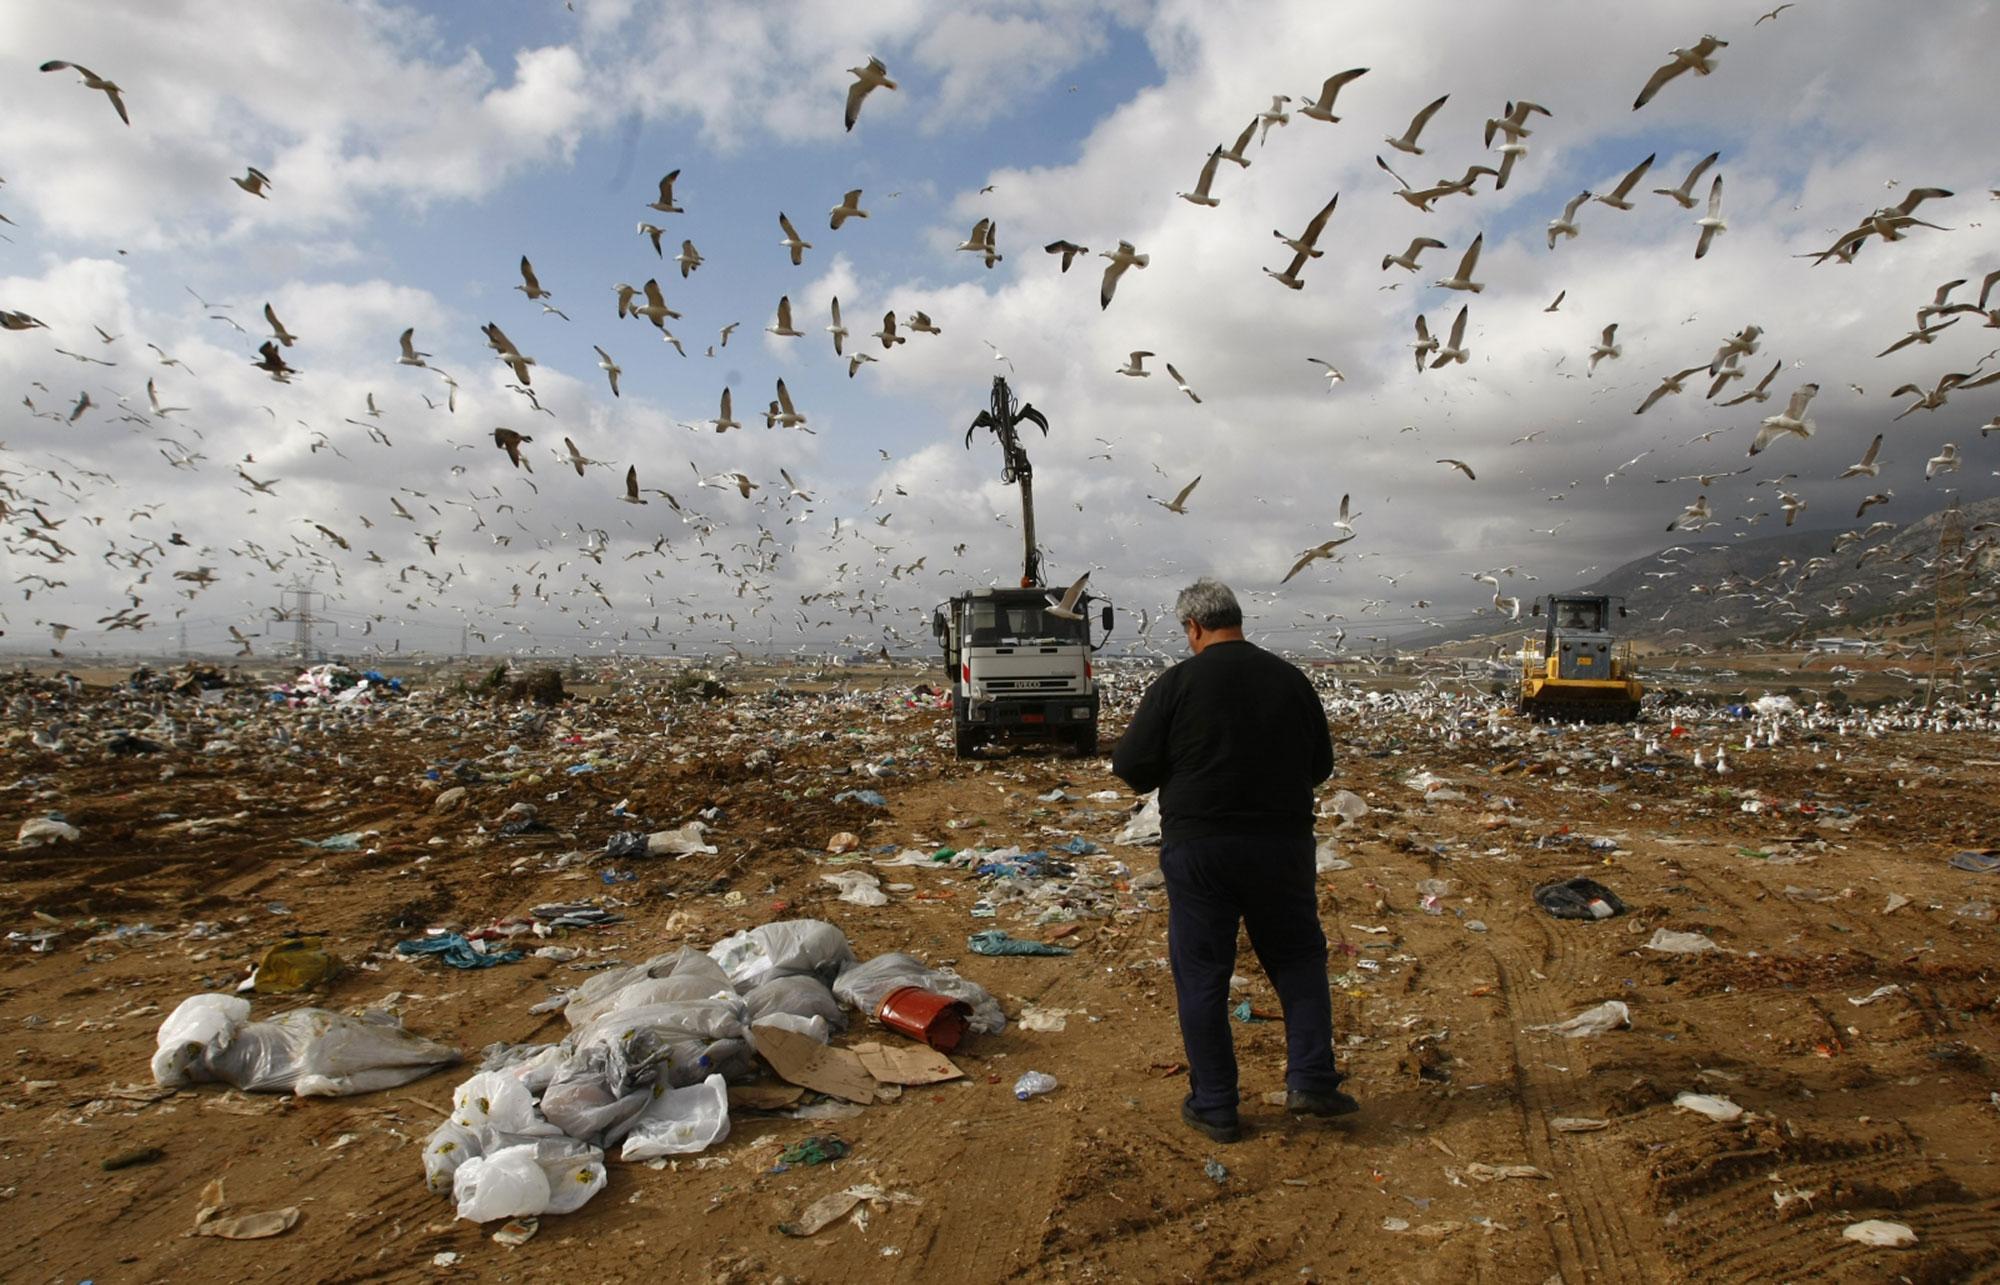 удерживался картинки экологическими проблемами надзор